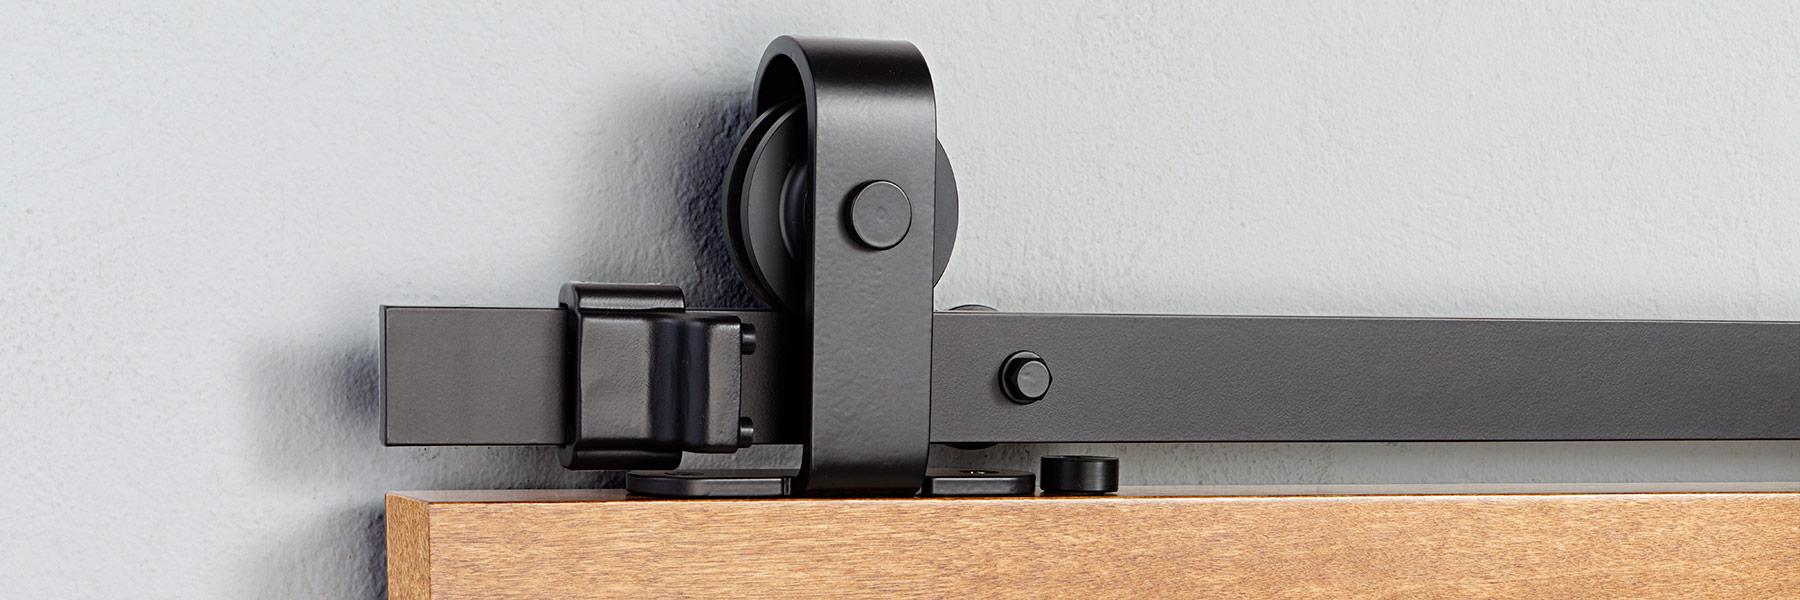 Accessories Solutions Sliding Door Hardware Assa Abloy